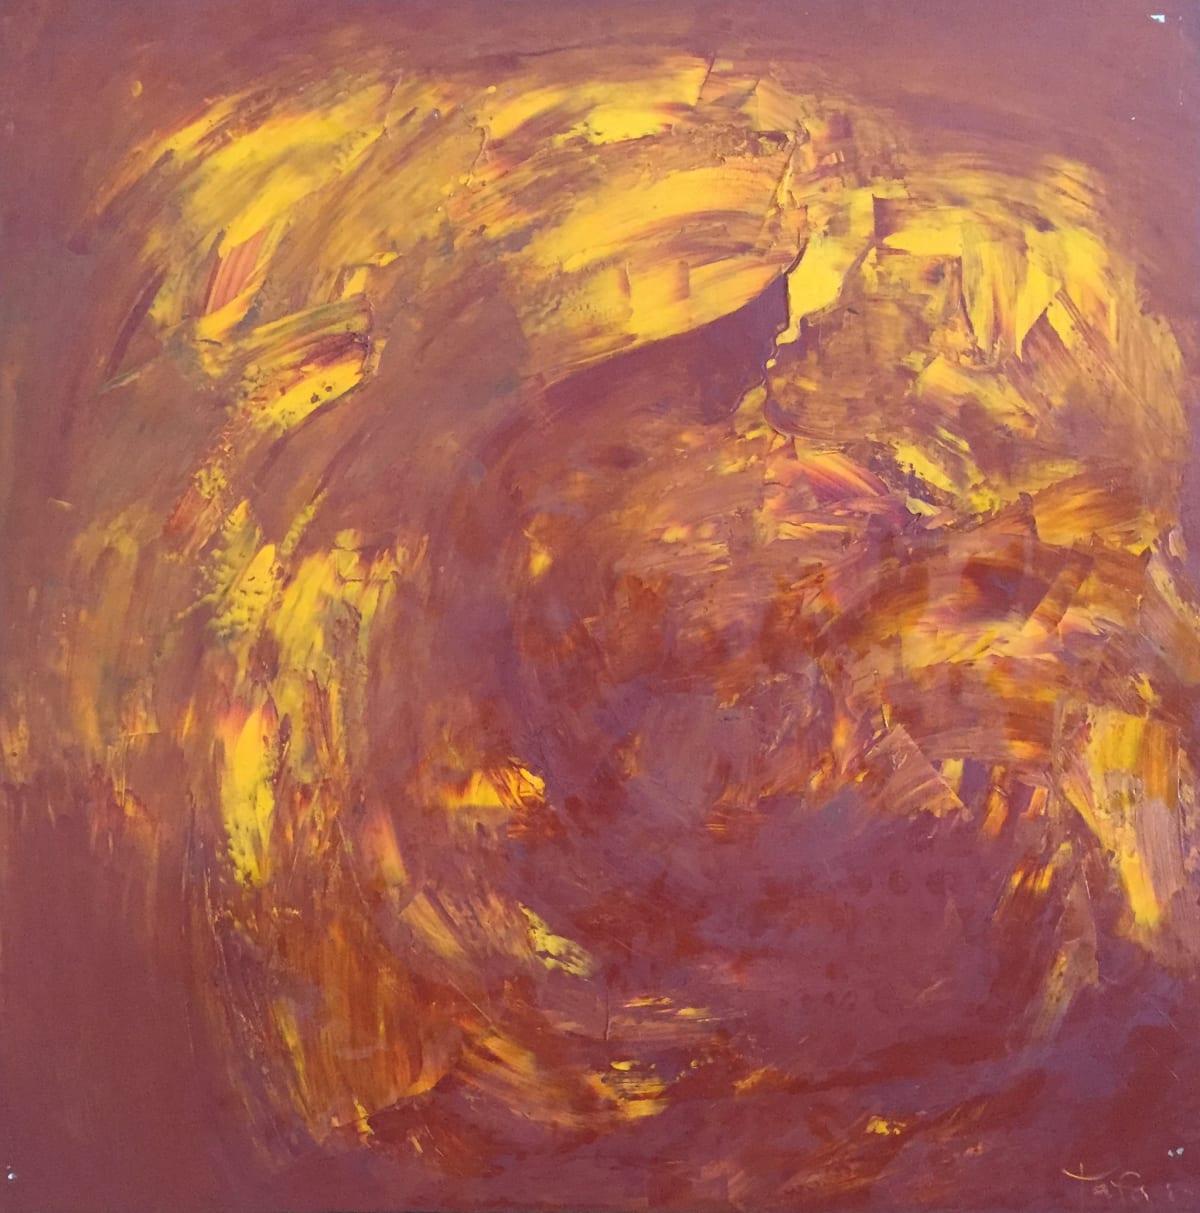 TAFA The First Kiss, 2007.0 Oil on Canvas 34 x 34